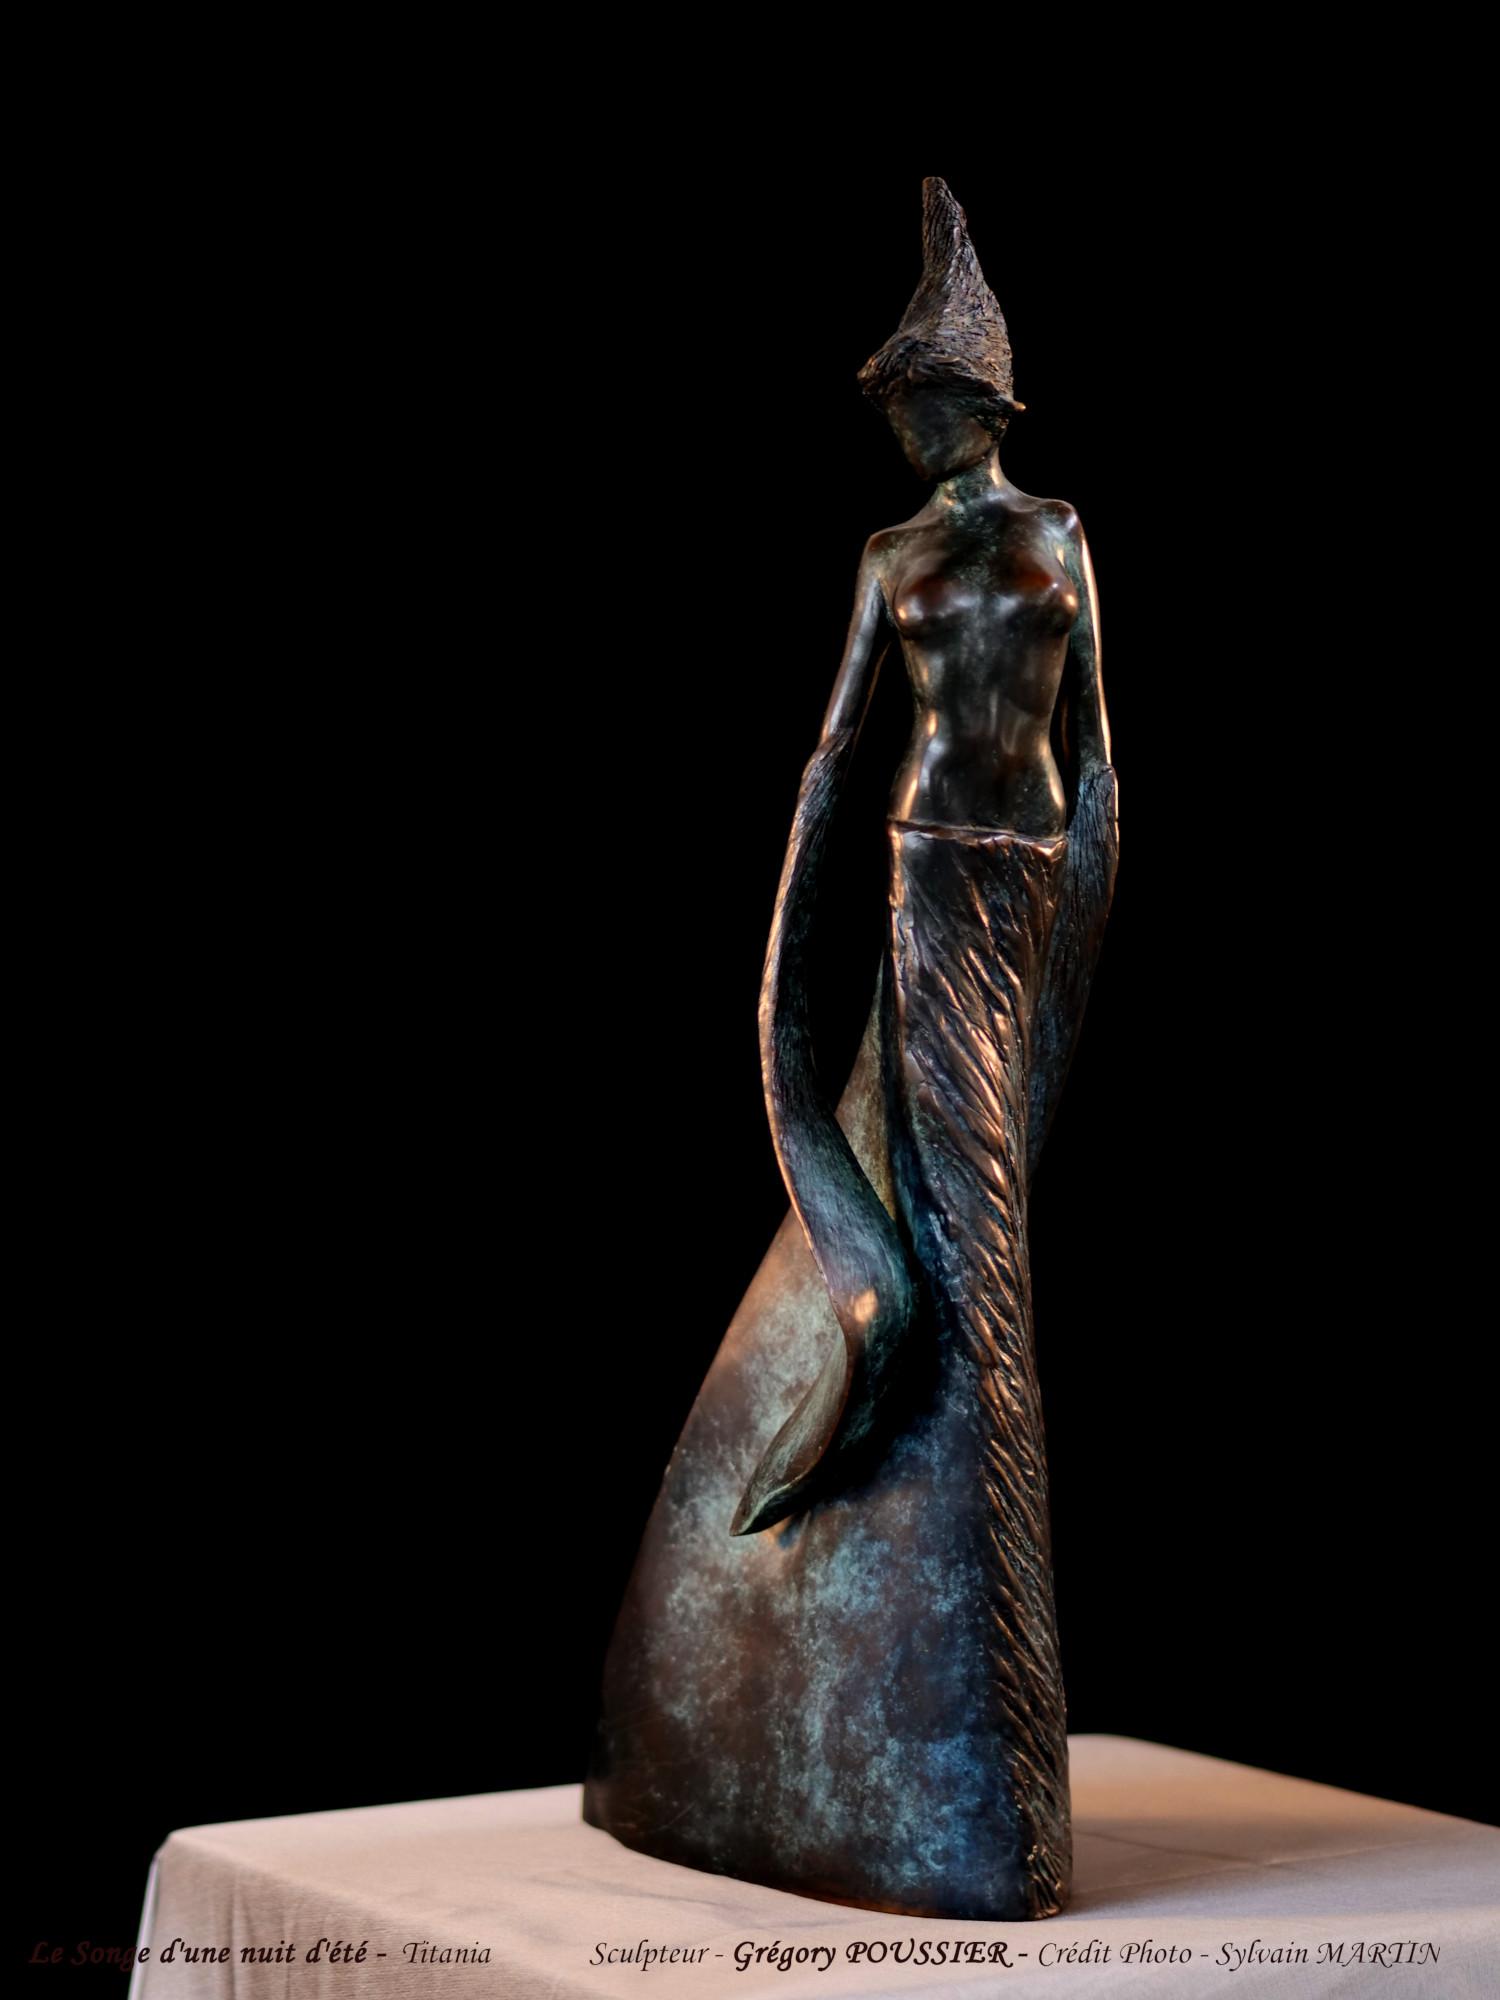 Le songe d'une nuit d'été - Titania - bronze